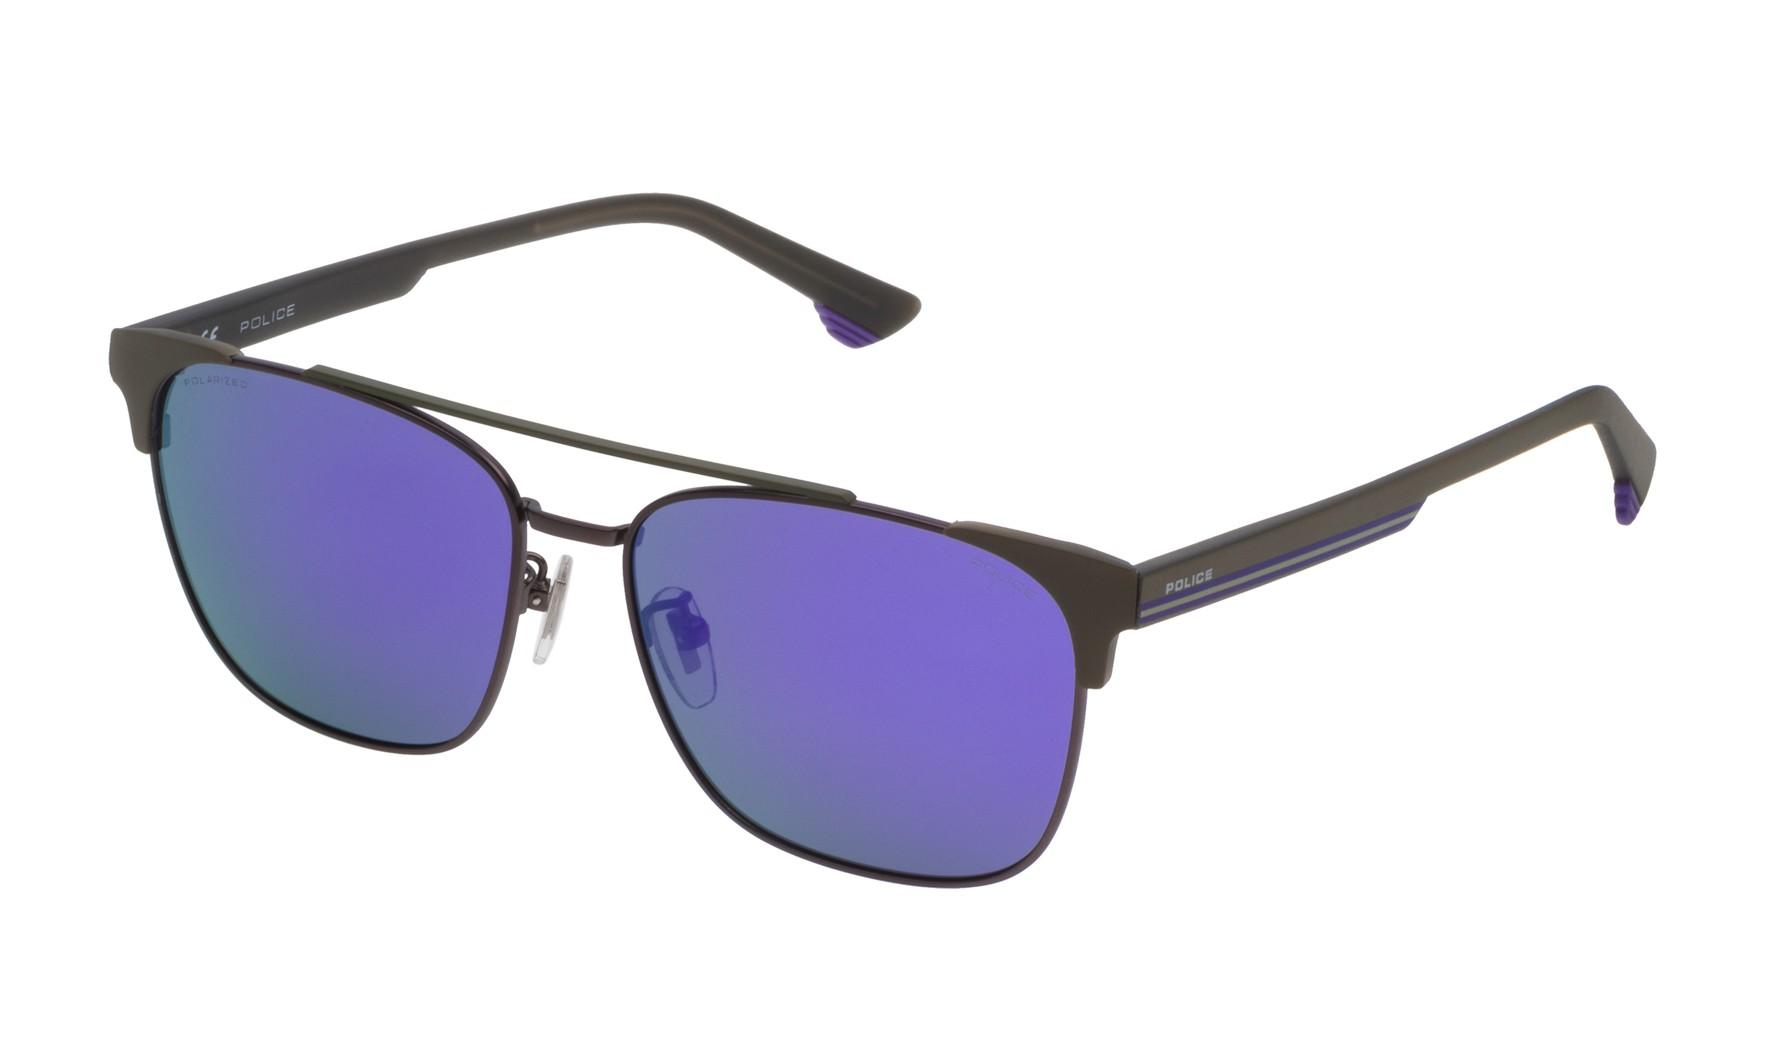 Police Sonnenbrillen